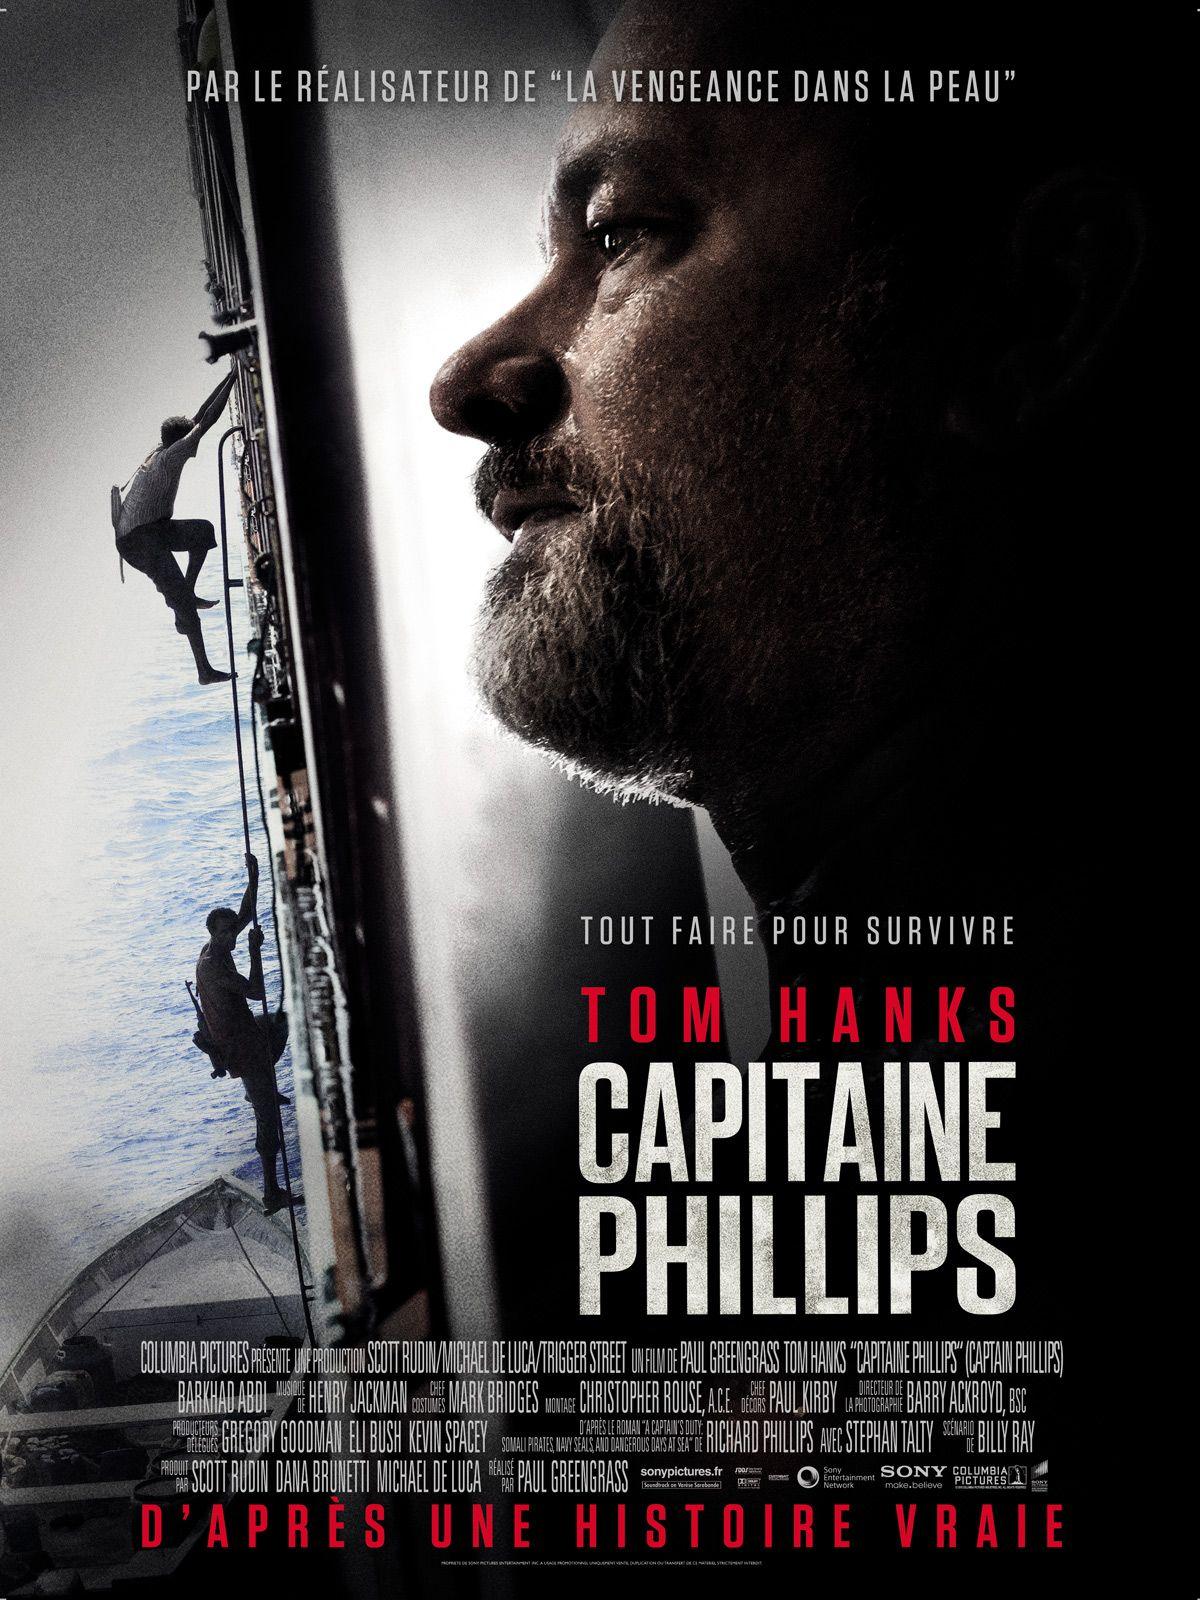 Capitaine phillips retrace l histoire vraie de la prise d - Capitaine americain ...